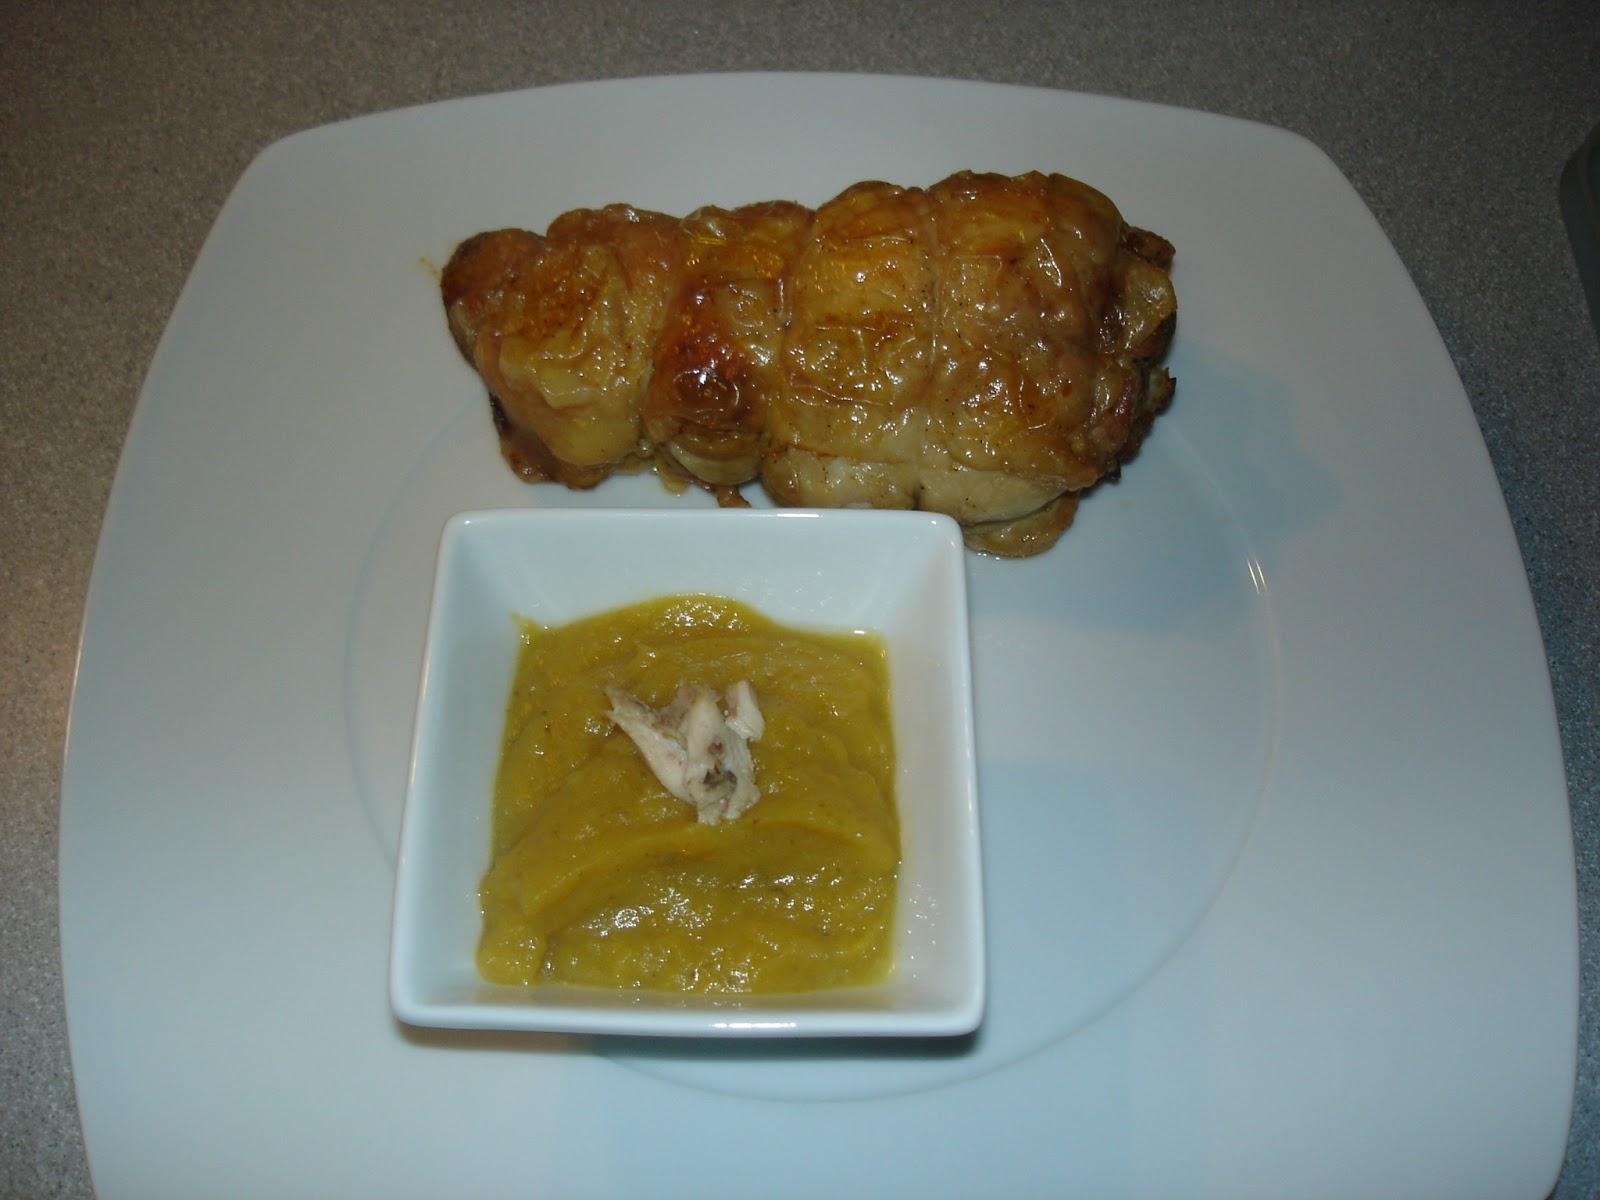 Cocina y viaje con carmen pollo releno con crema de calabaza - Cocina con carmen ...